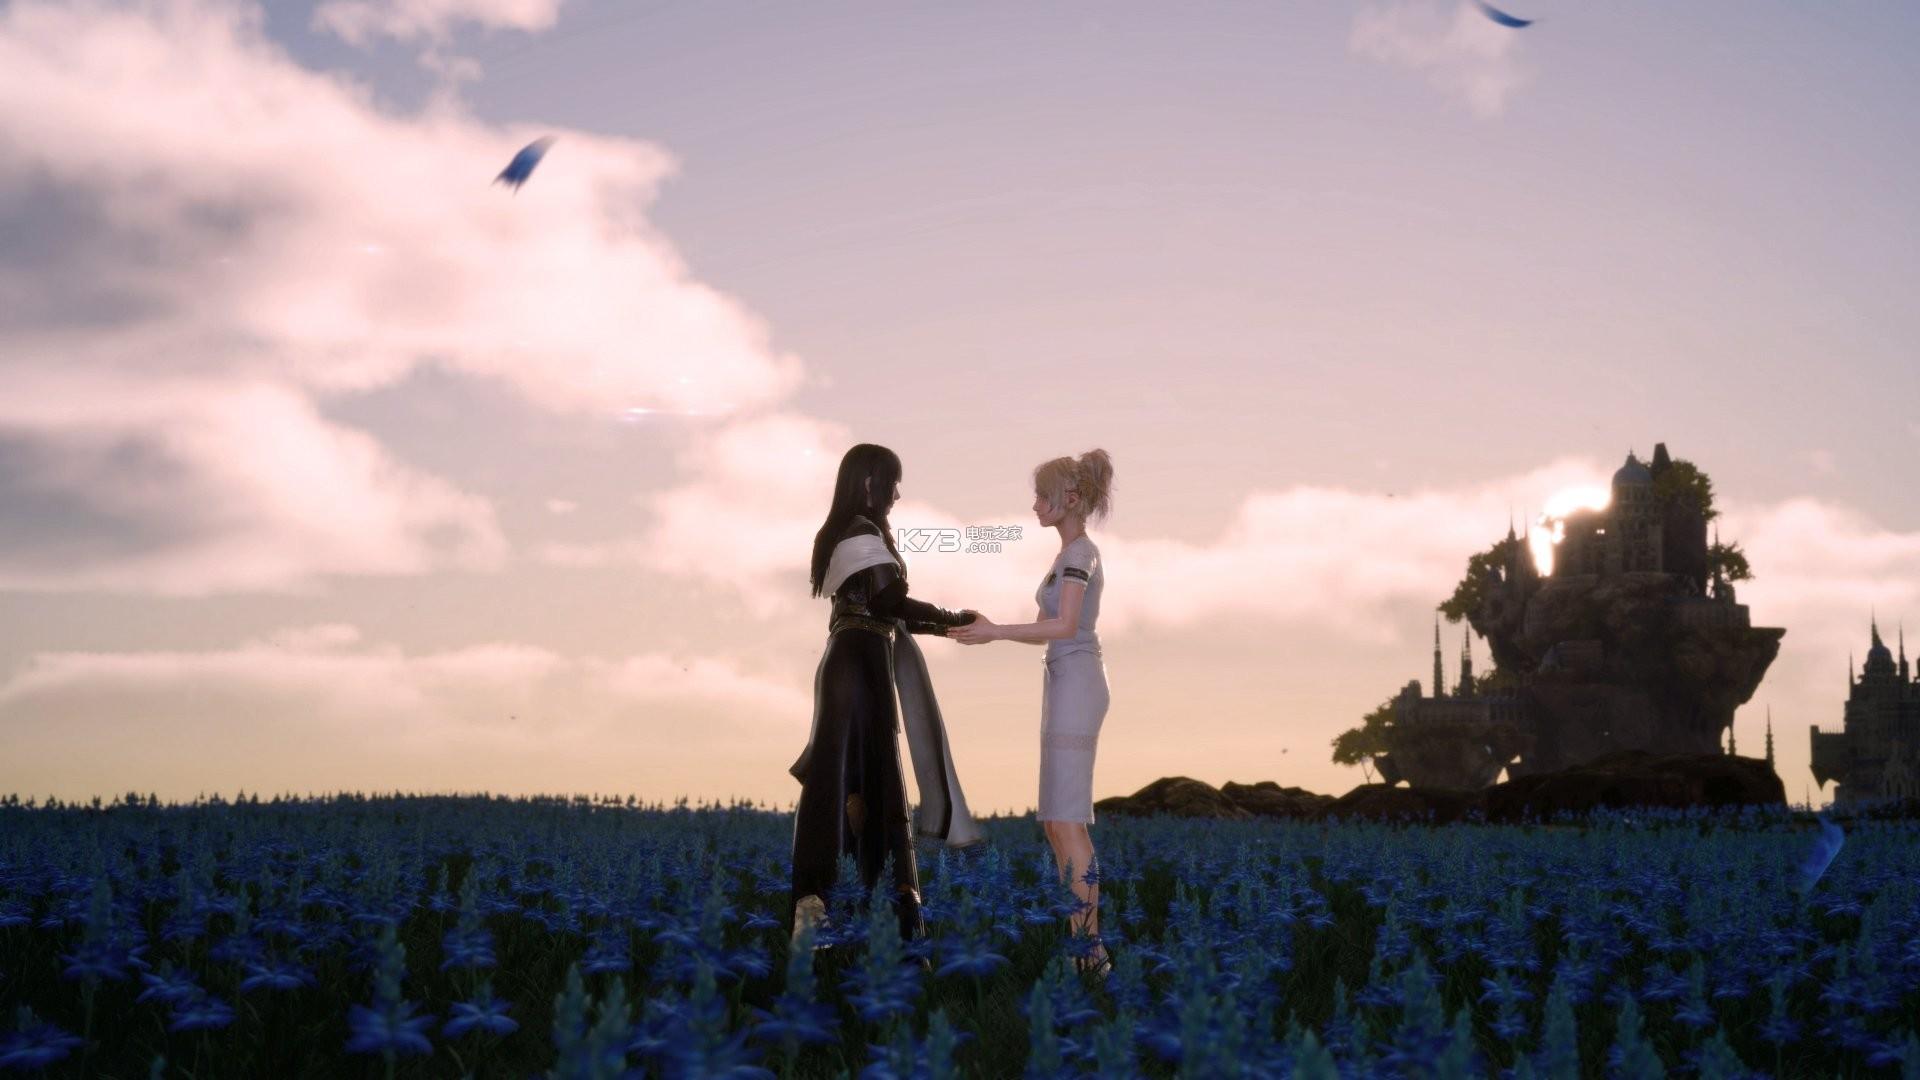 《最终幻想15》v1.16补丁更新内容公开